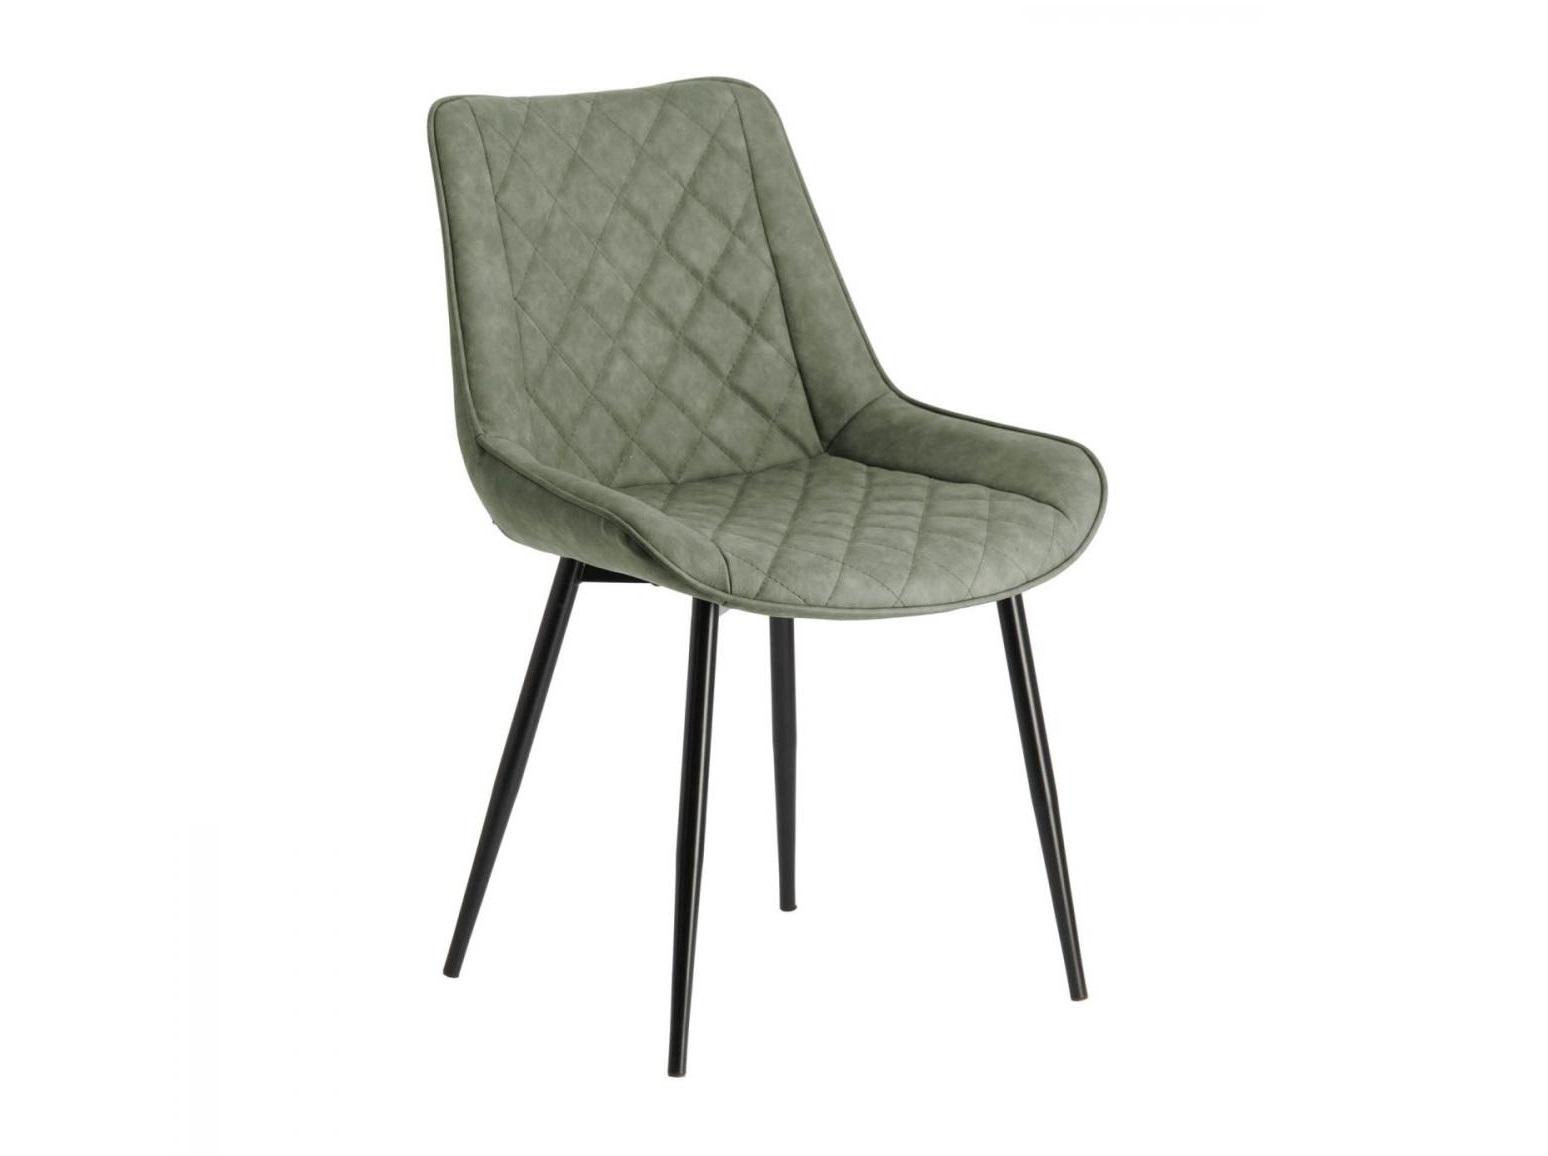 Стул affair (la forma) зеленый 53x82x60 см.